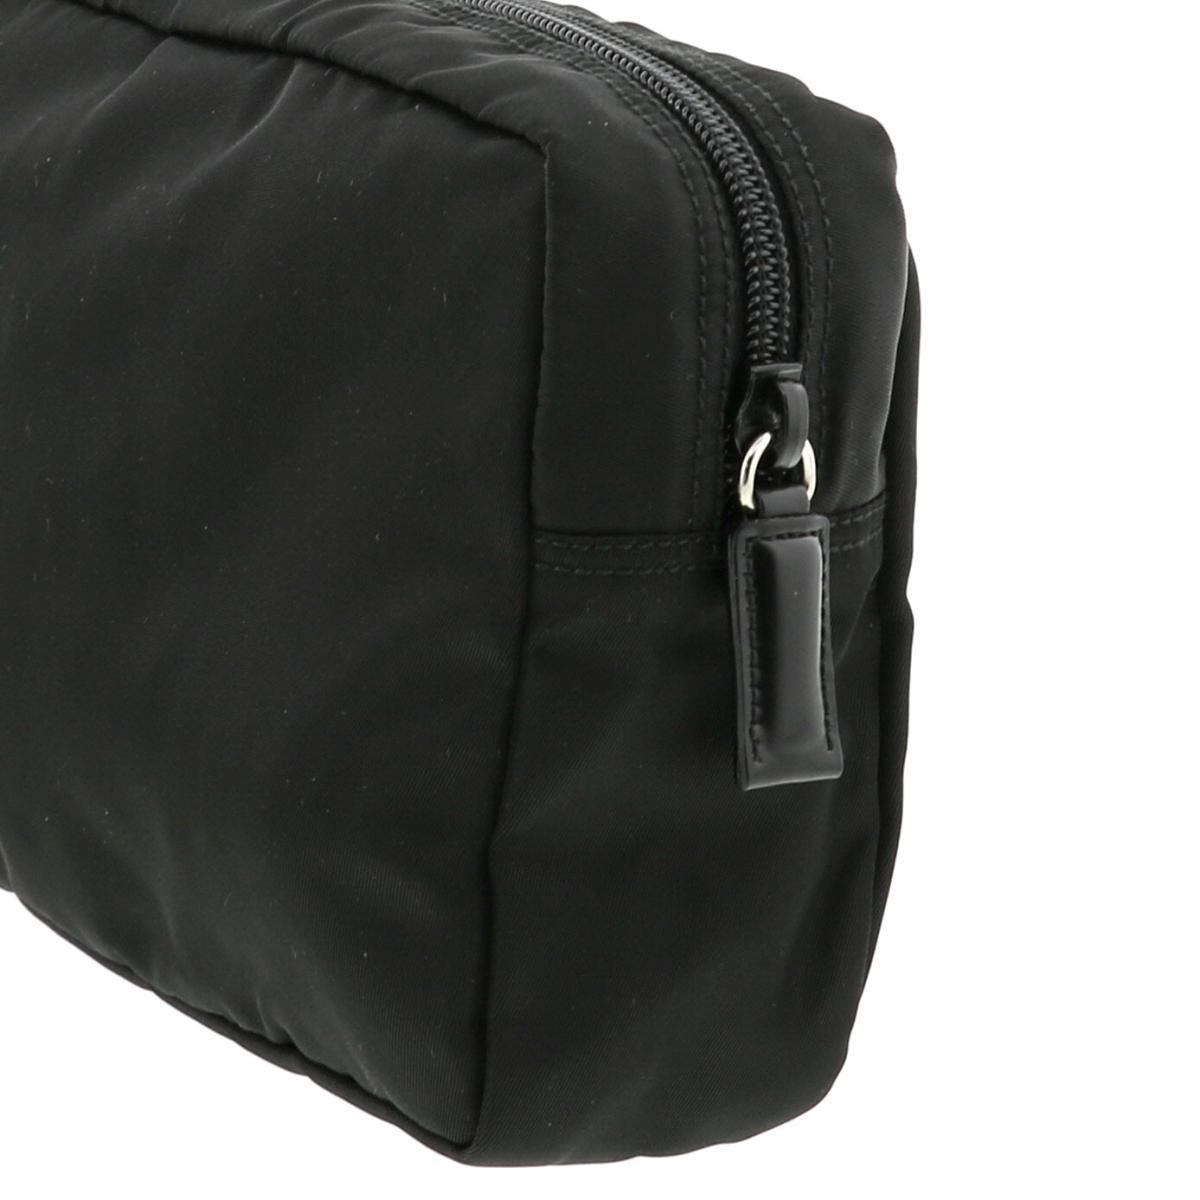 【美品】プラダ ナイロン ミニポーチ ブラック PRADA Nylon Pouch Black 2TT072